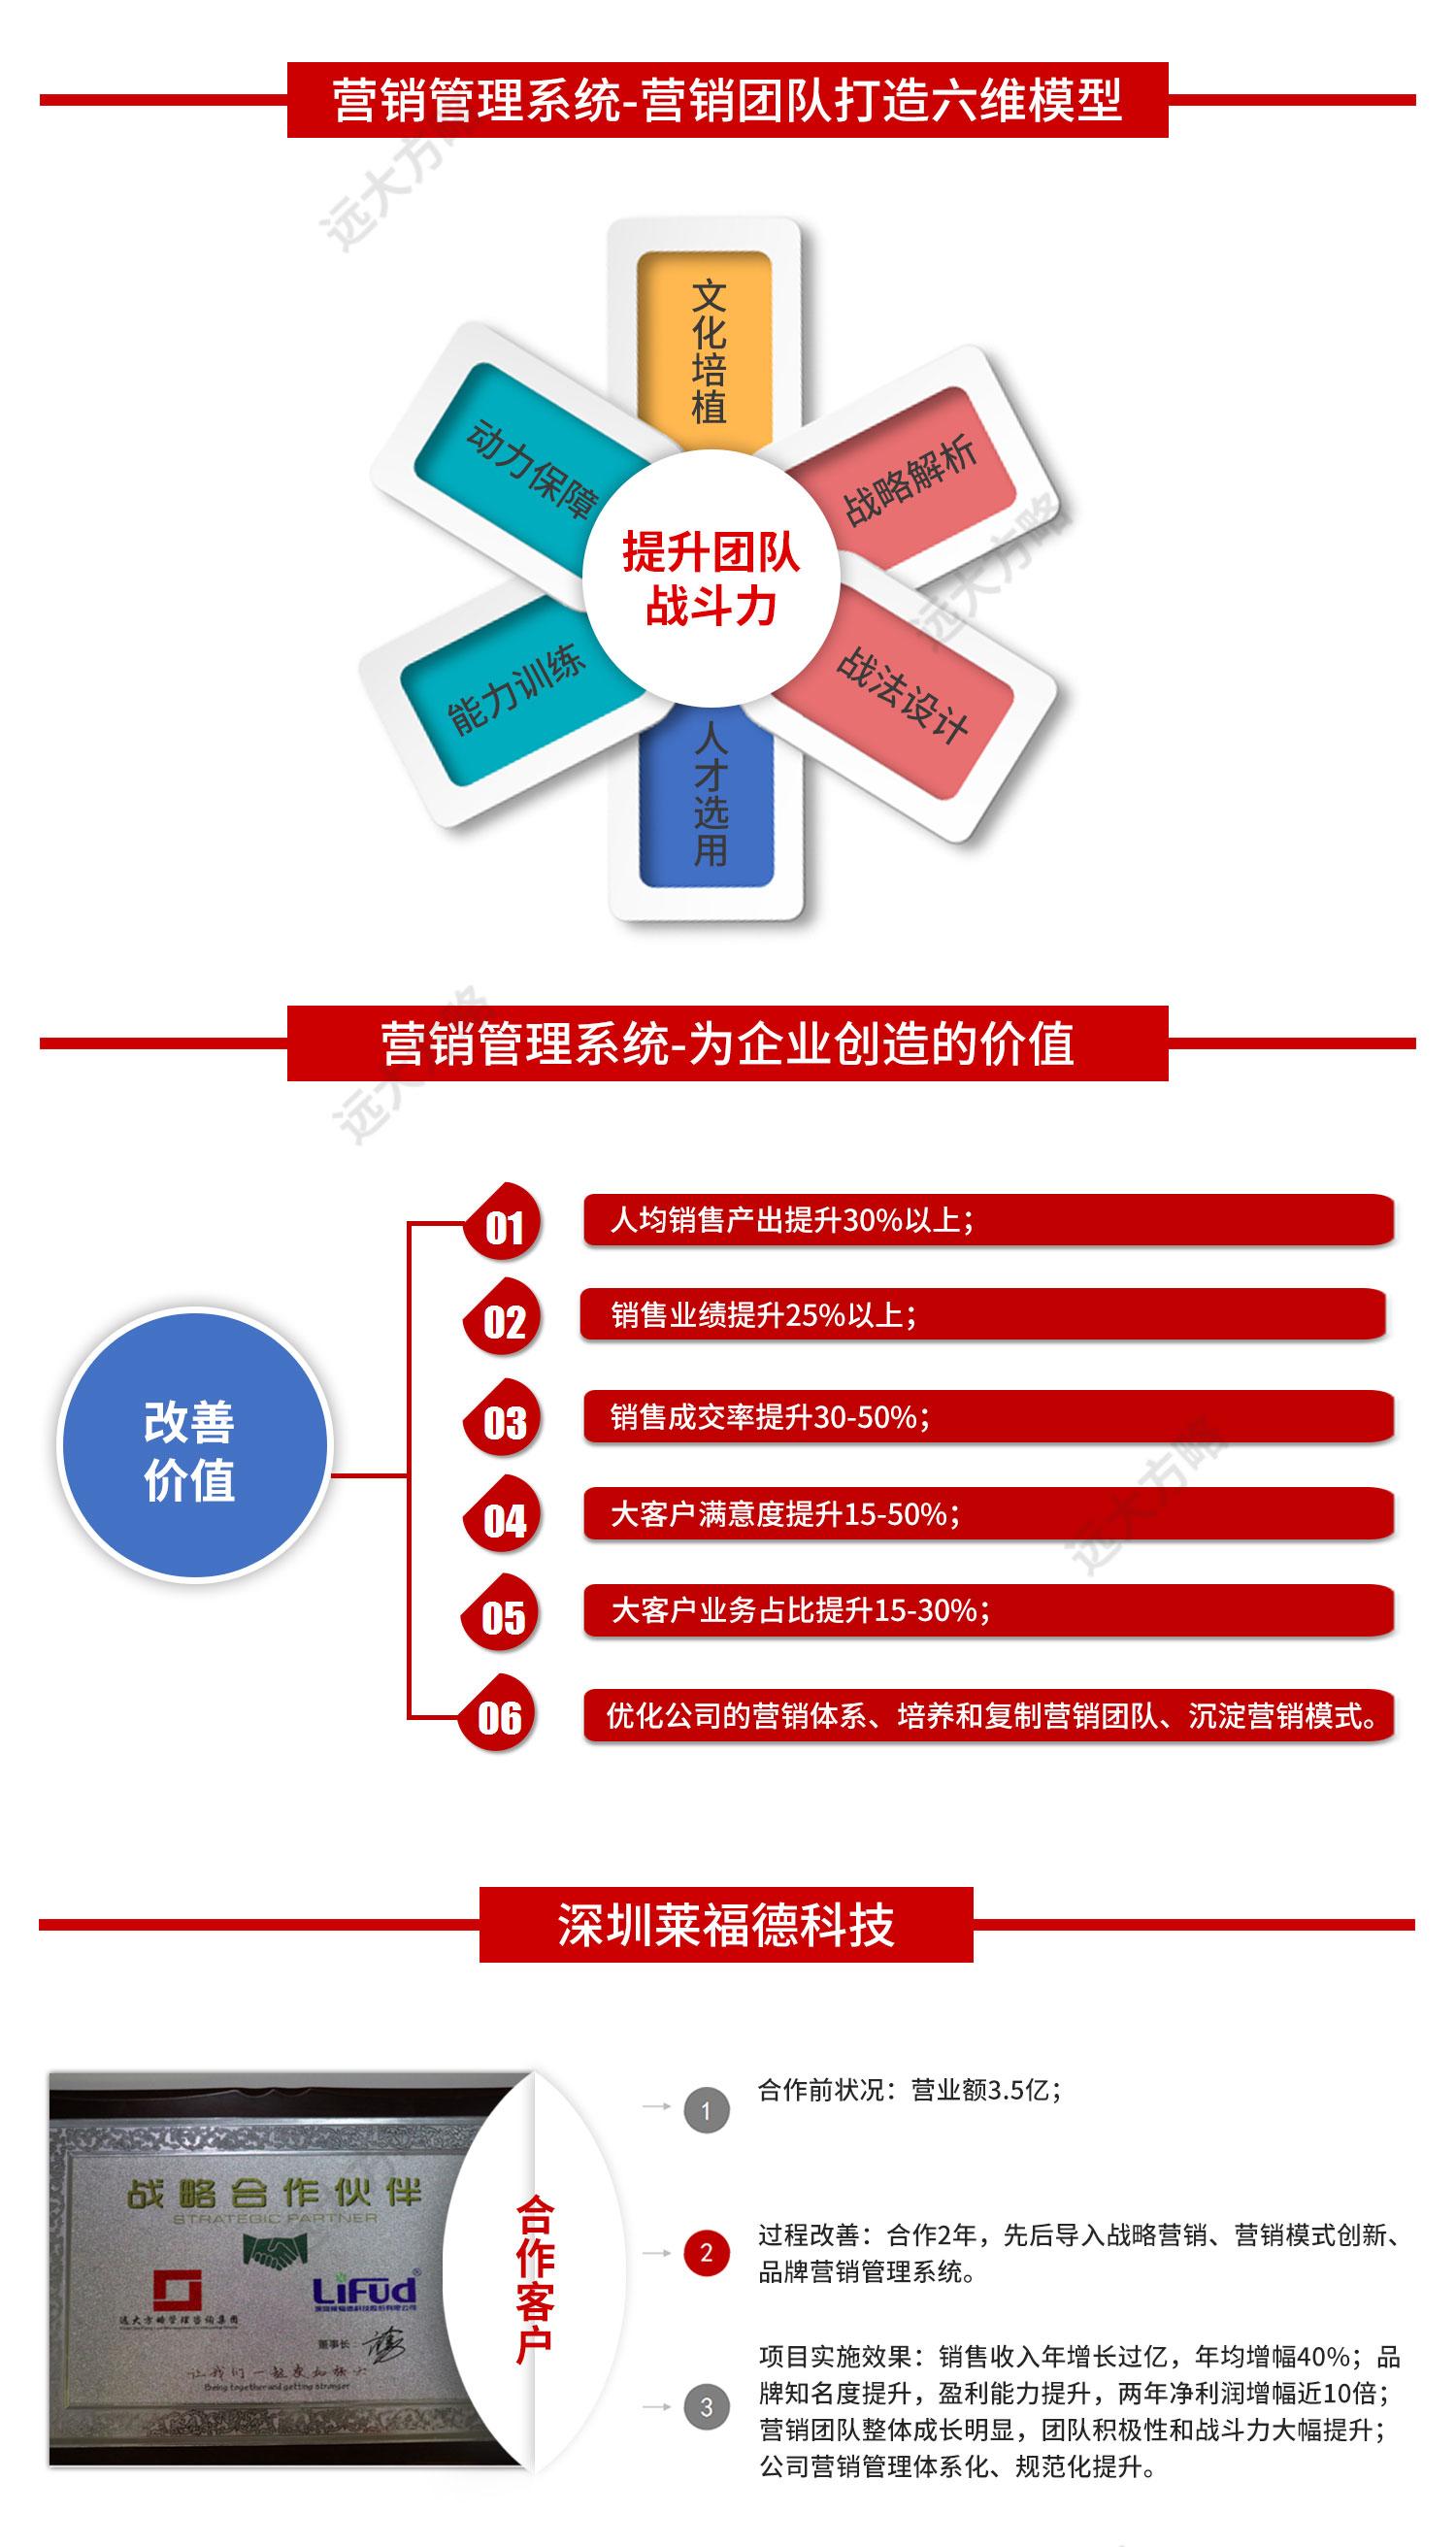 营销2_01.jpg